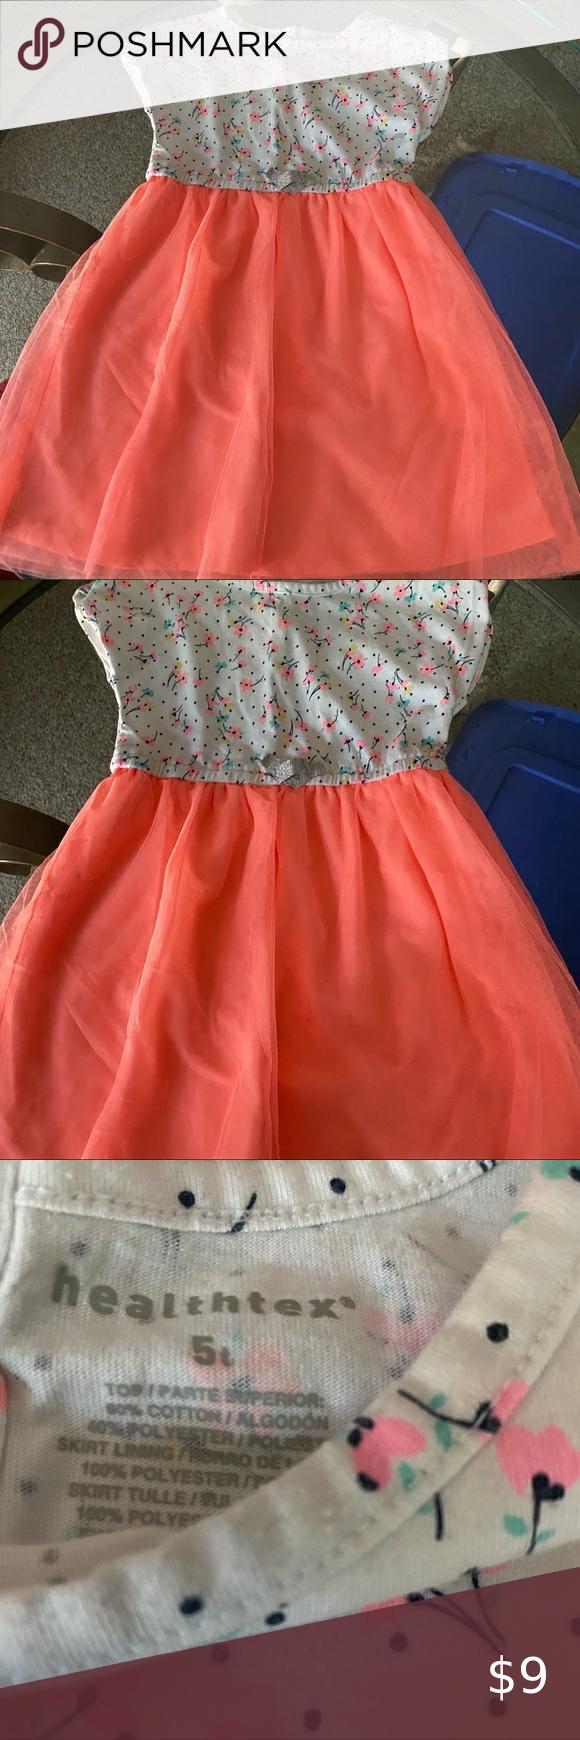 Size 5t Neon Floral Dress Clothes Design Floral Dress Kids Dresses [ 1740 x 580 Pixel ]